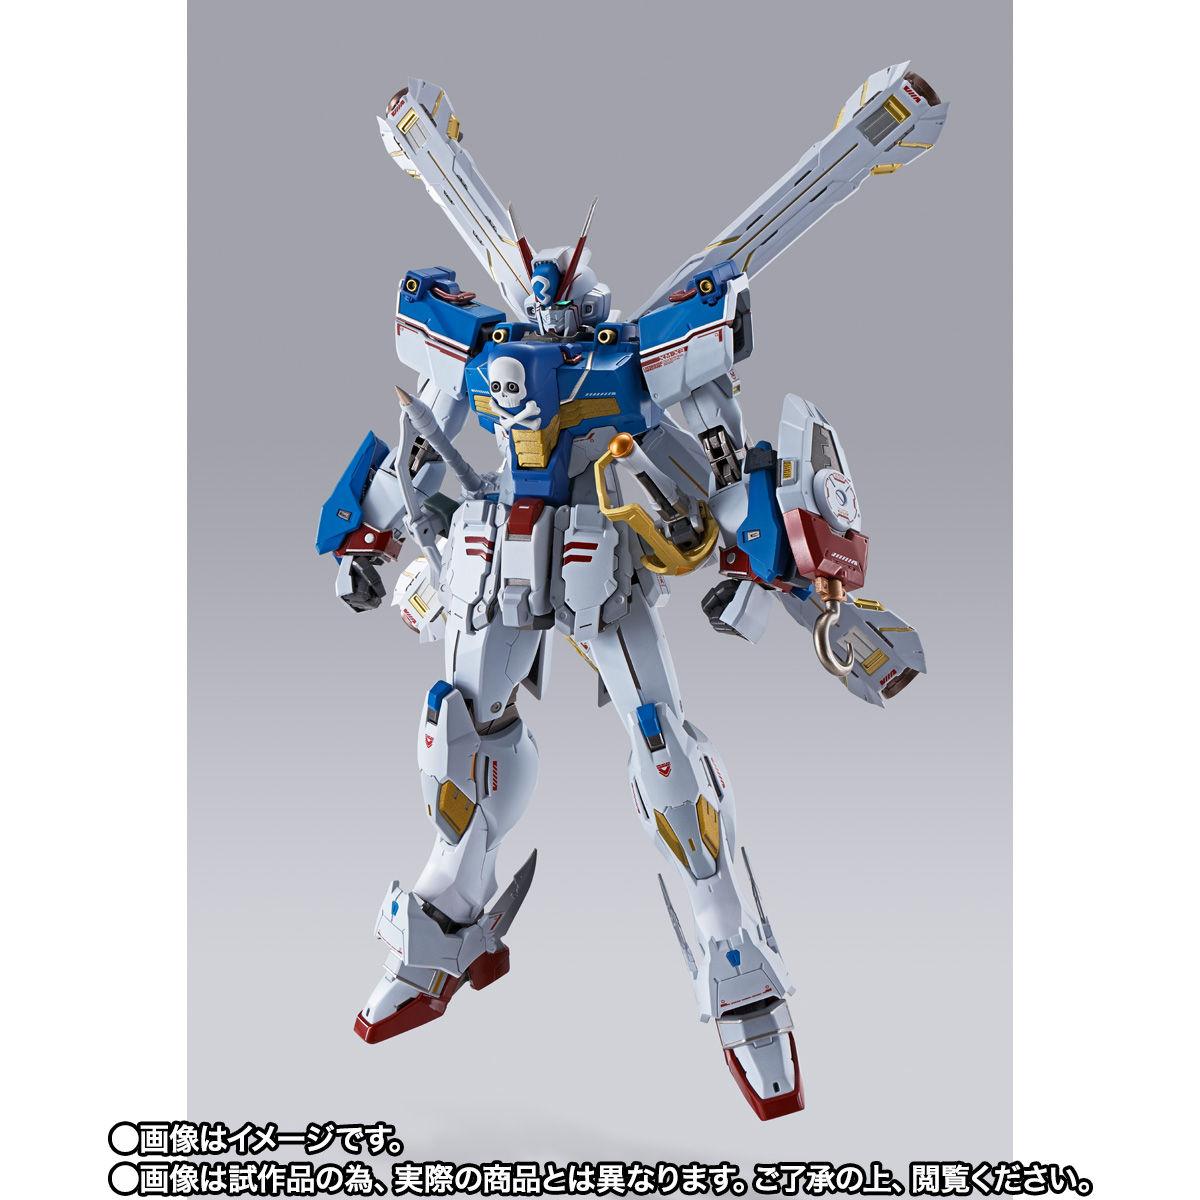 【限定販売】METAL BUILD『クロスボーン・ガンダムX3』機動戦士クロスボーン・ガンダム 可動フィギュア-002